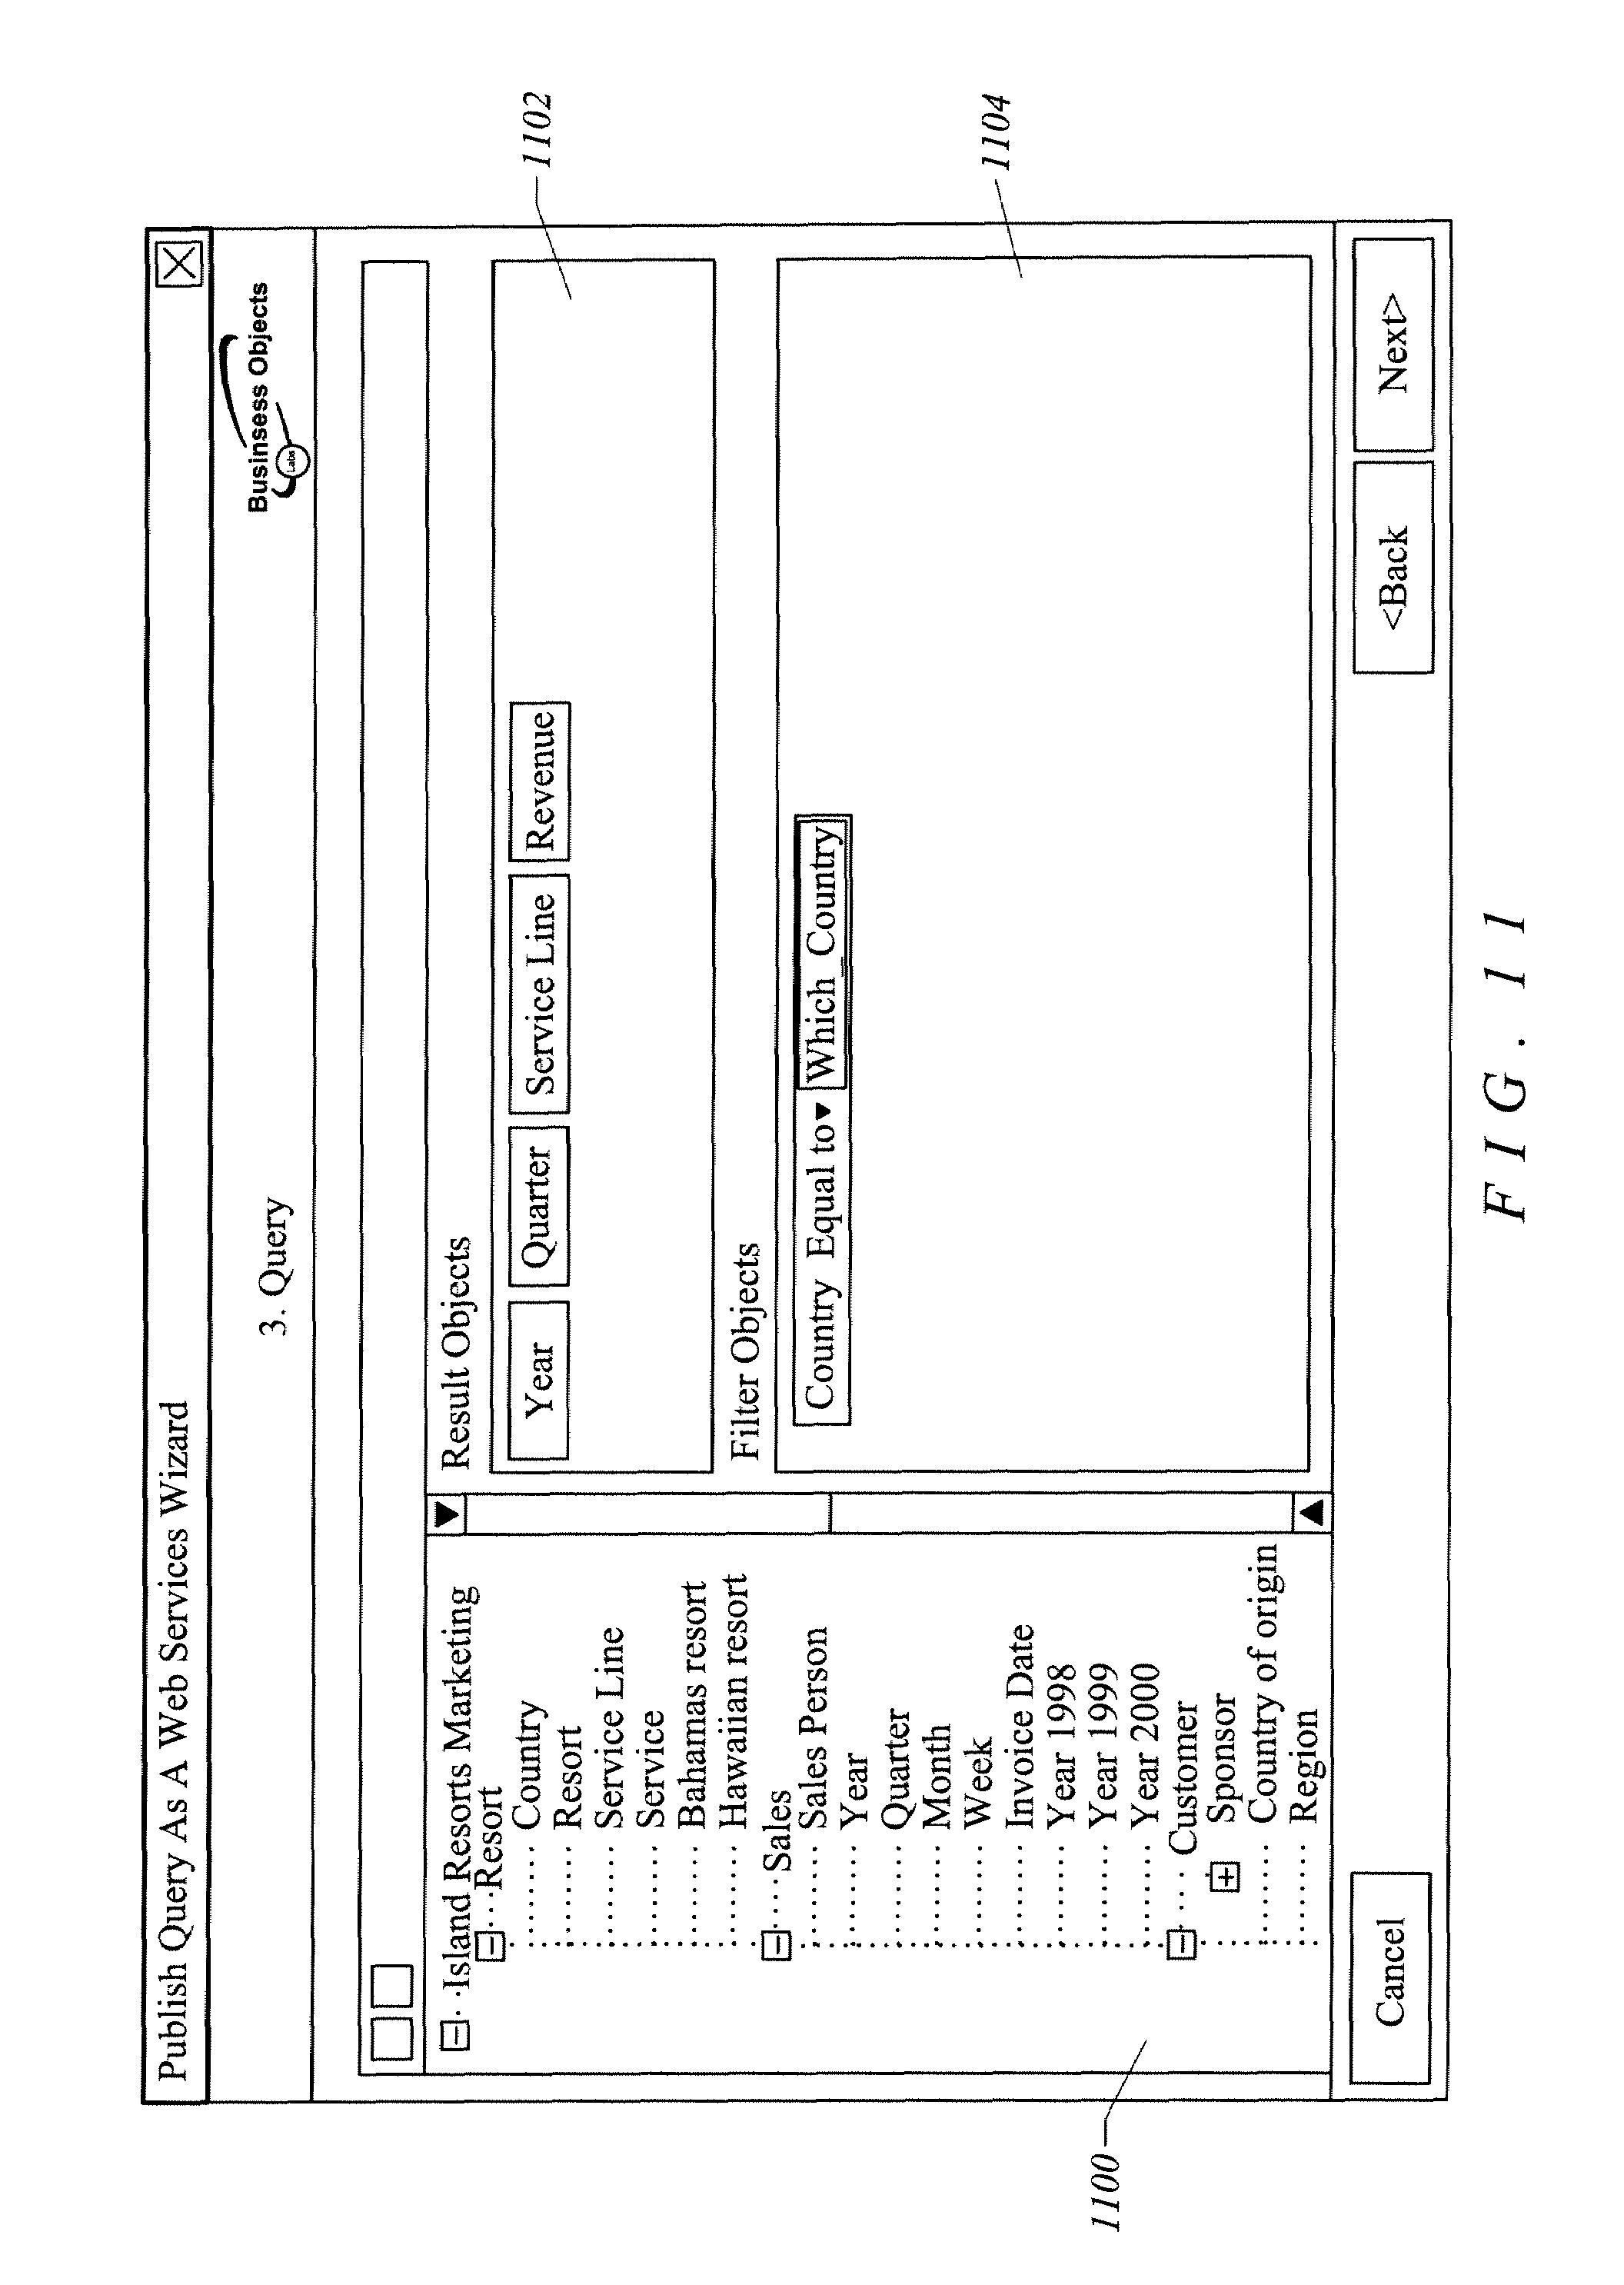 b2b lgmobile support tool v1490 cracked